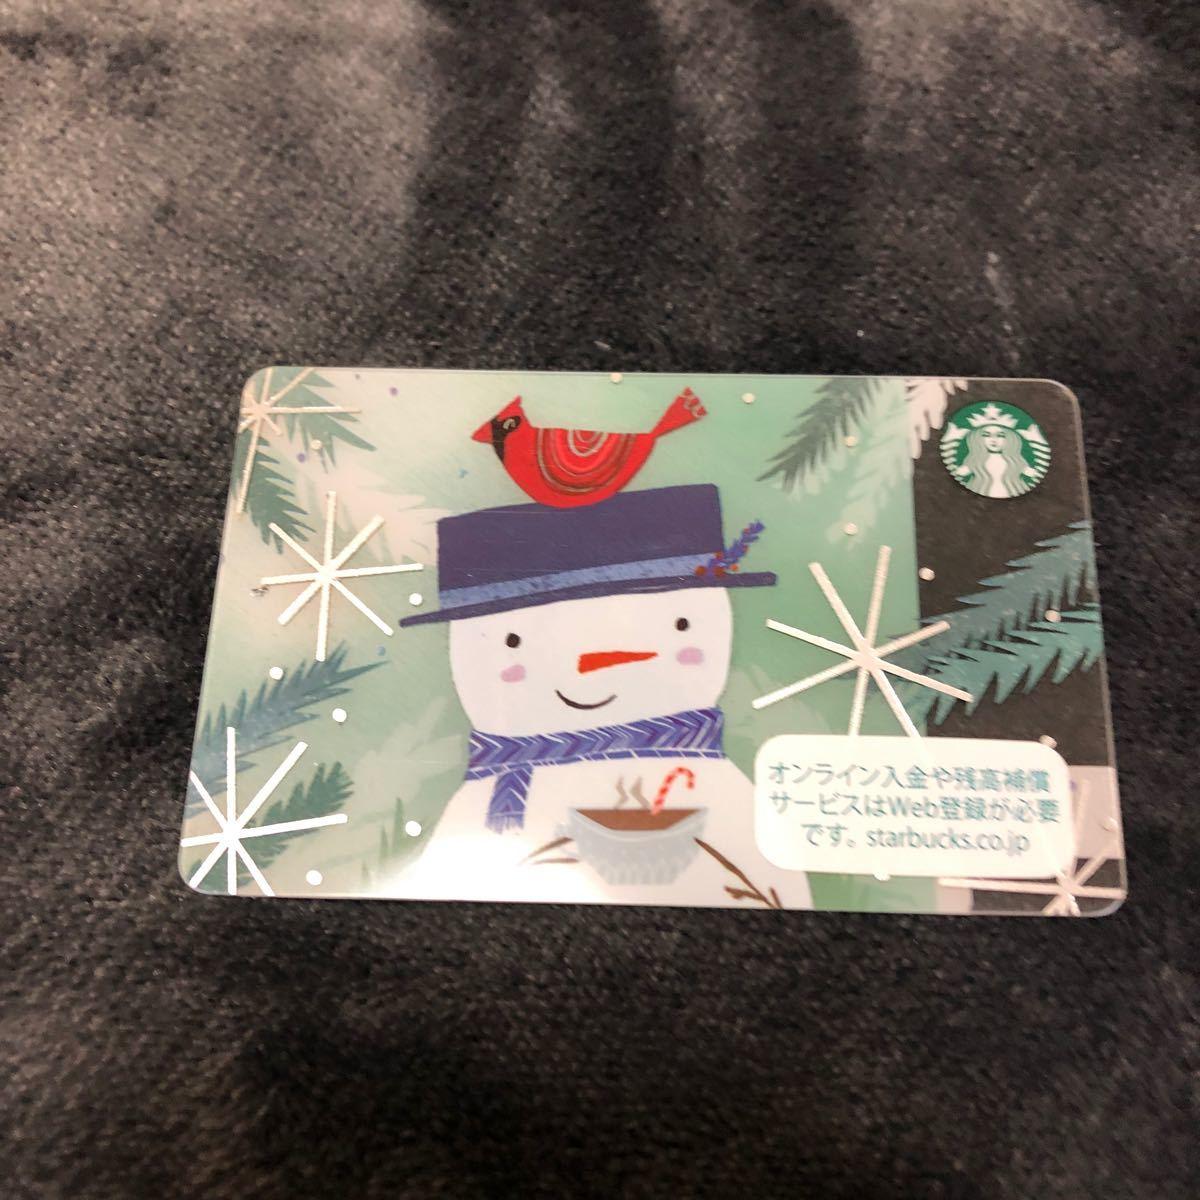 スターバックスカード 2017クリスマス